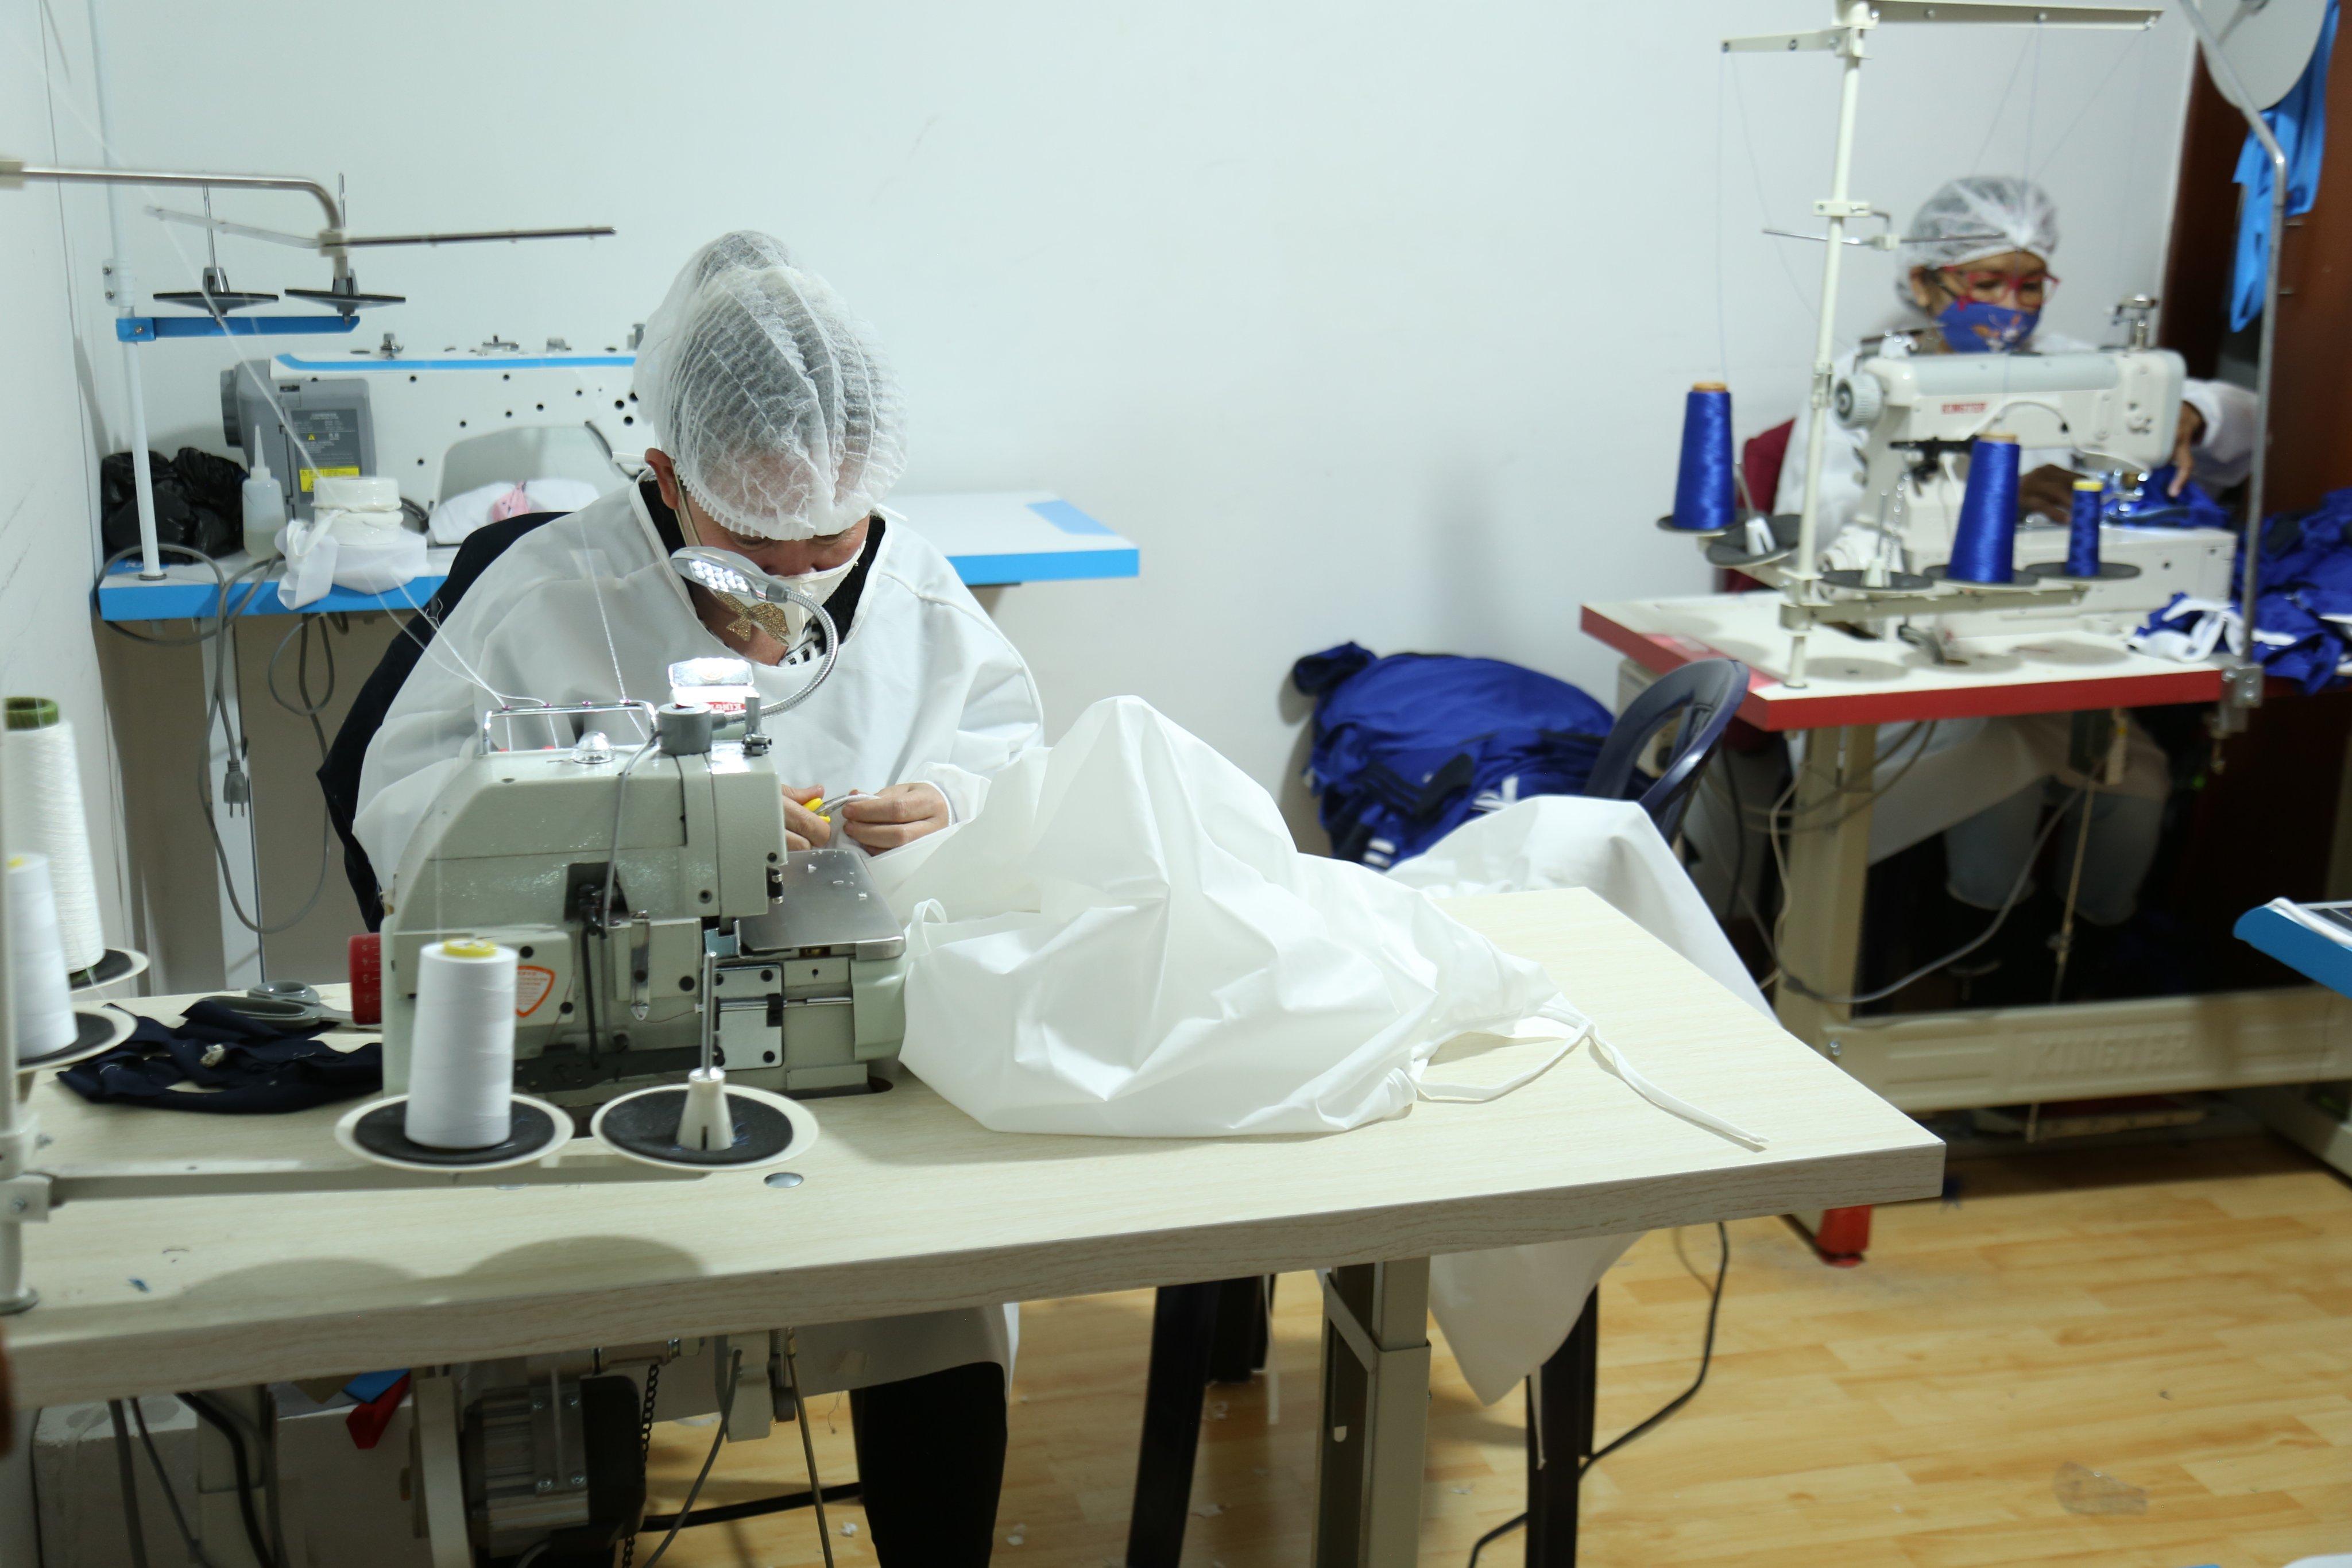 Confeccionistas y textileros se unieron durante la pandemia - FOTO: Prensa Secretaría de Gobierno